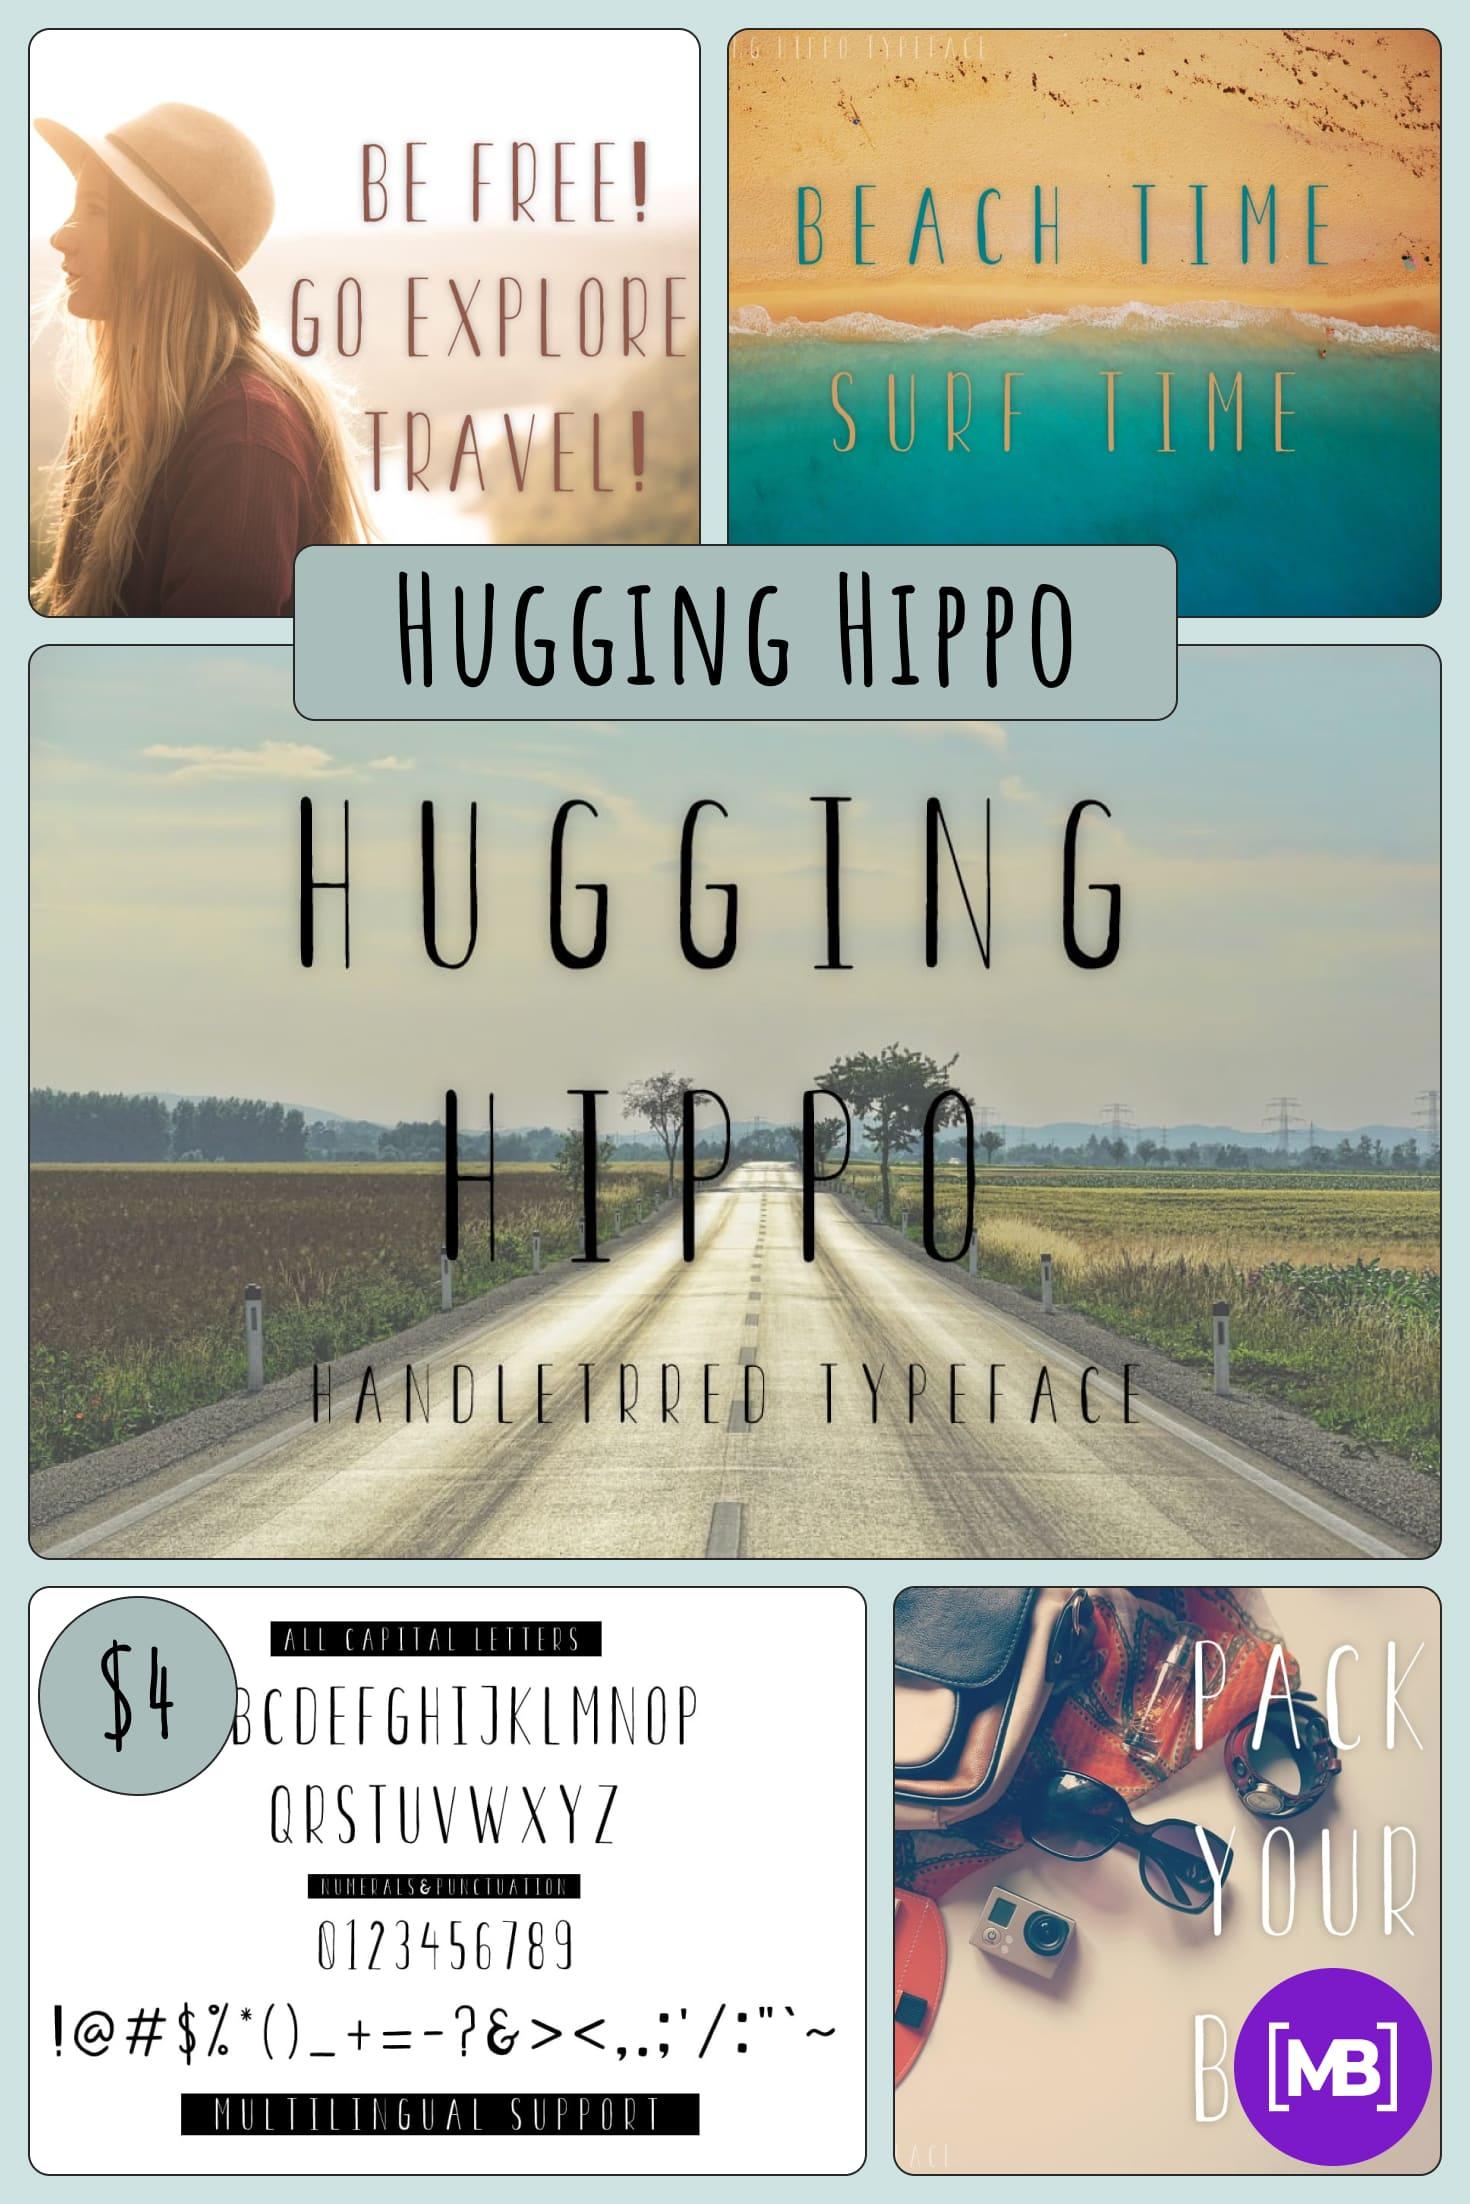 Hugging Hippo regular font - $4. Collage Image.